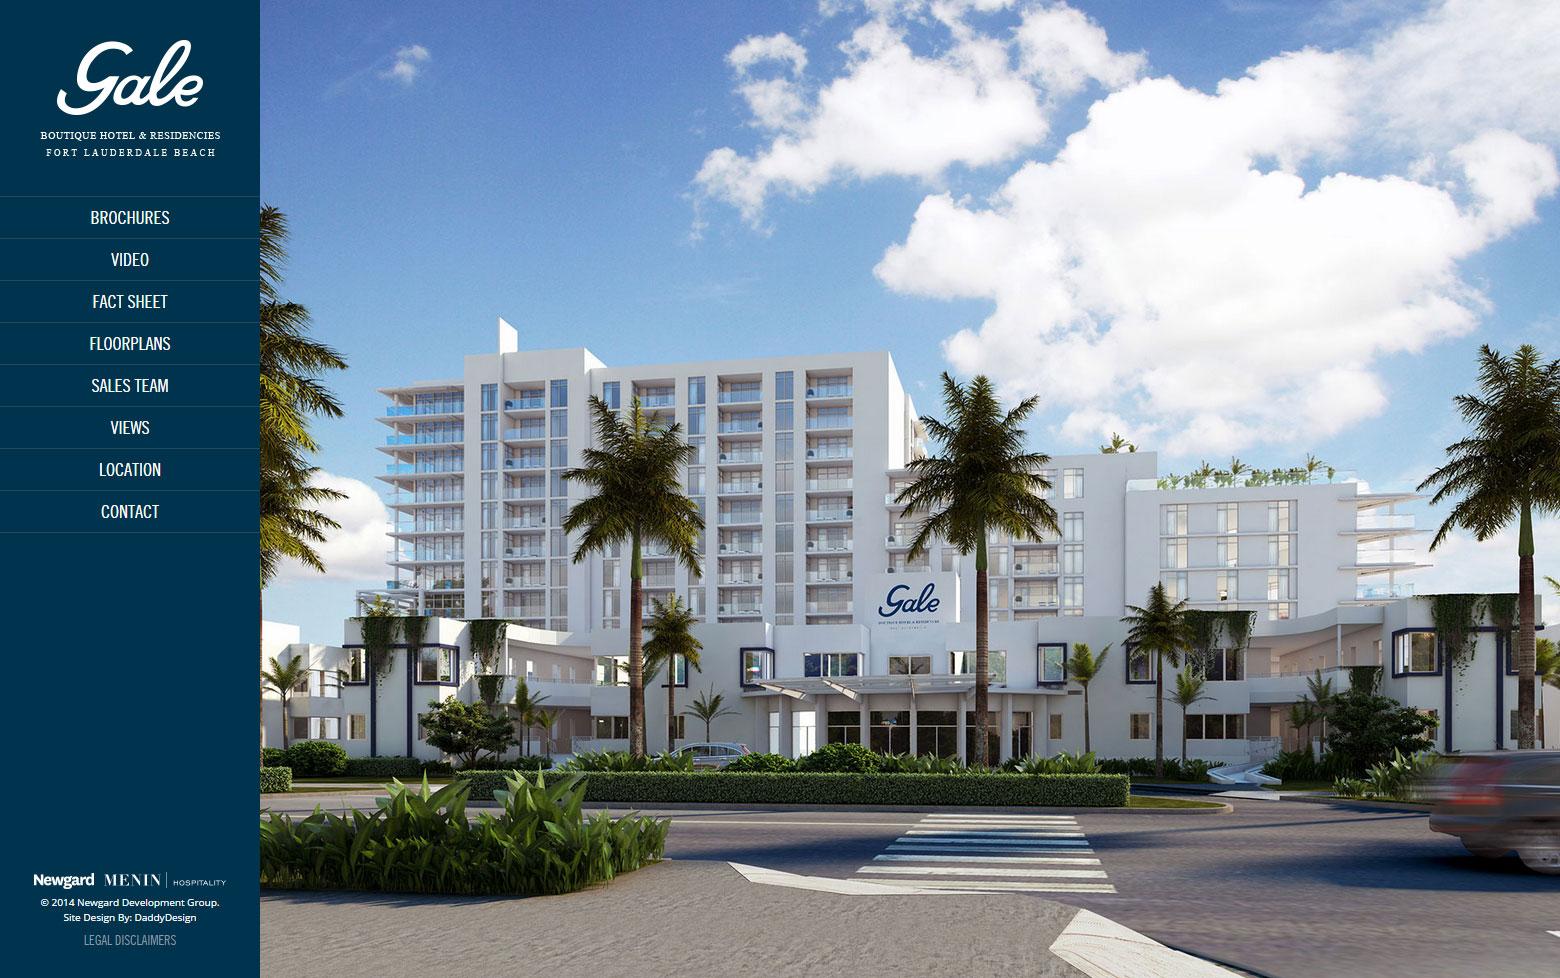 Boutique Hotel & Residencies